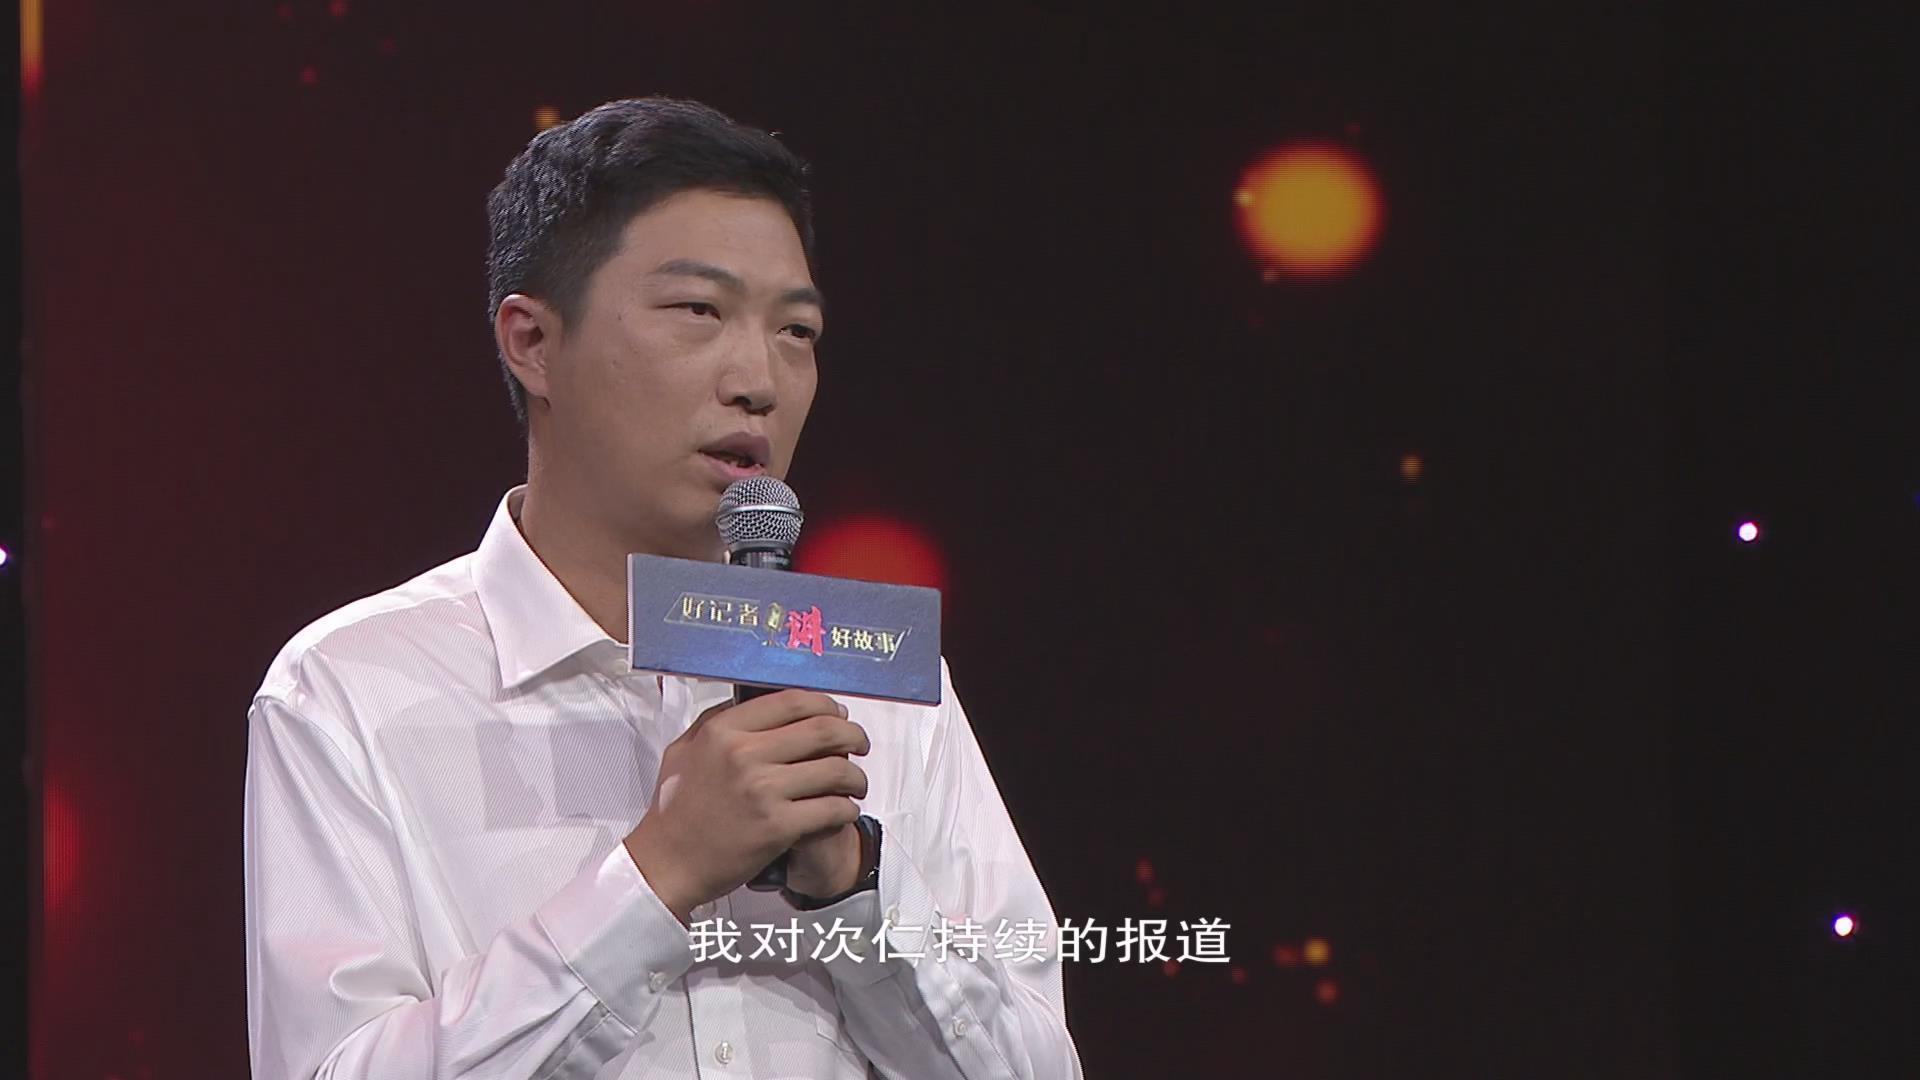 董宏磊——与藏族盲生合奏《命运交响曲》